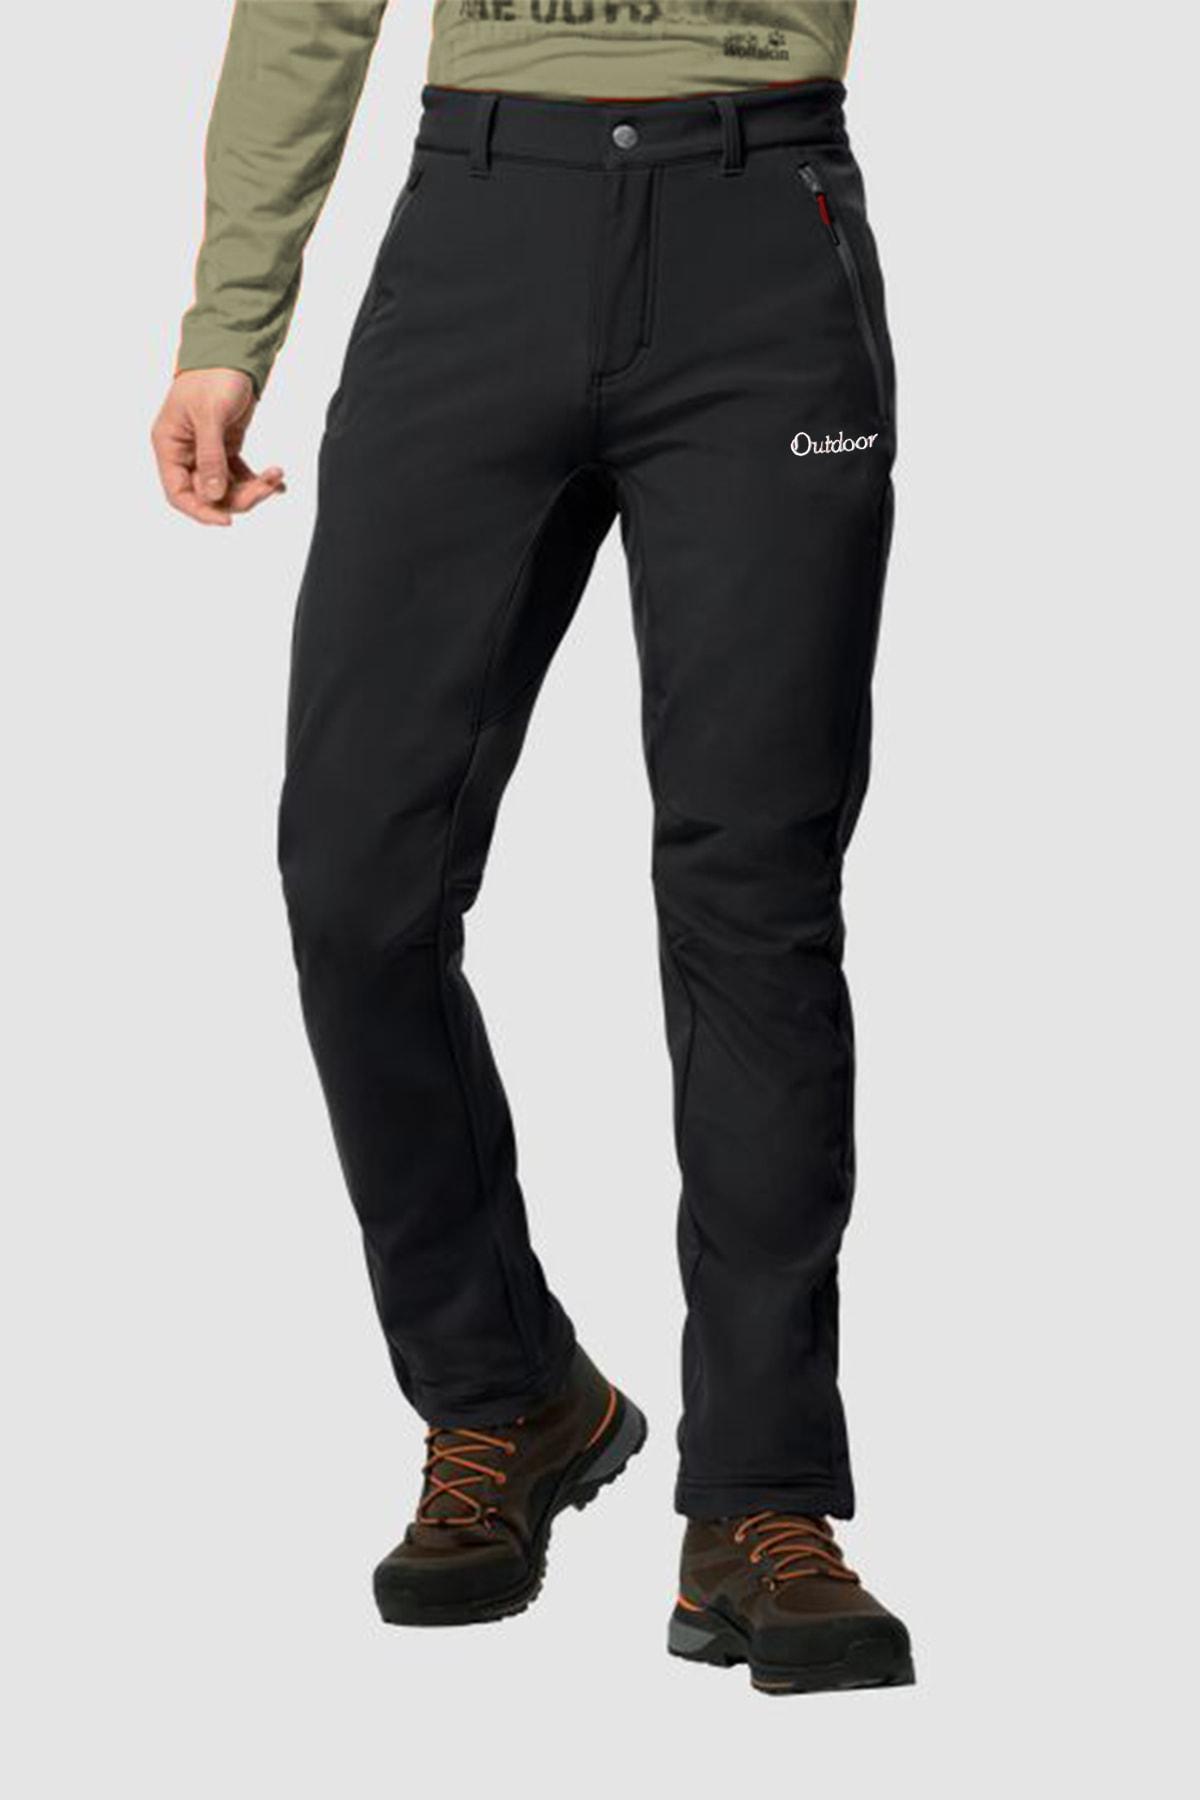 MACSYLEN Su Ve Rüzgar Geçirmez Içi Kürklü Outdoor Pantolon 1